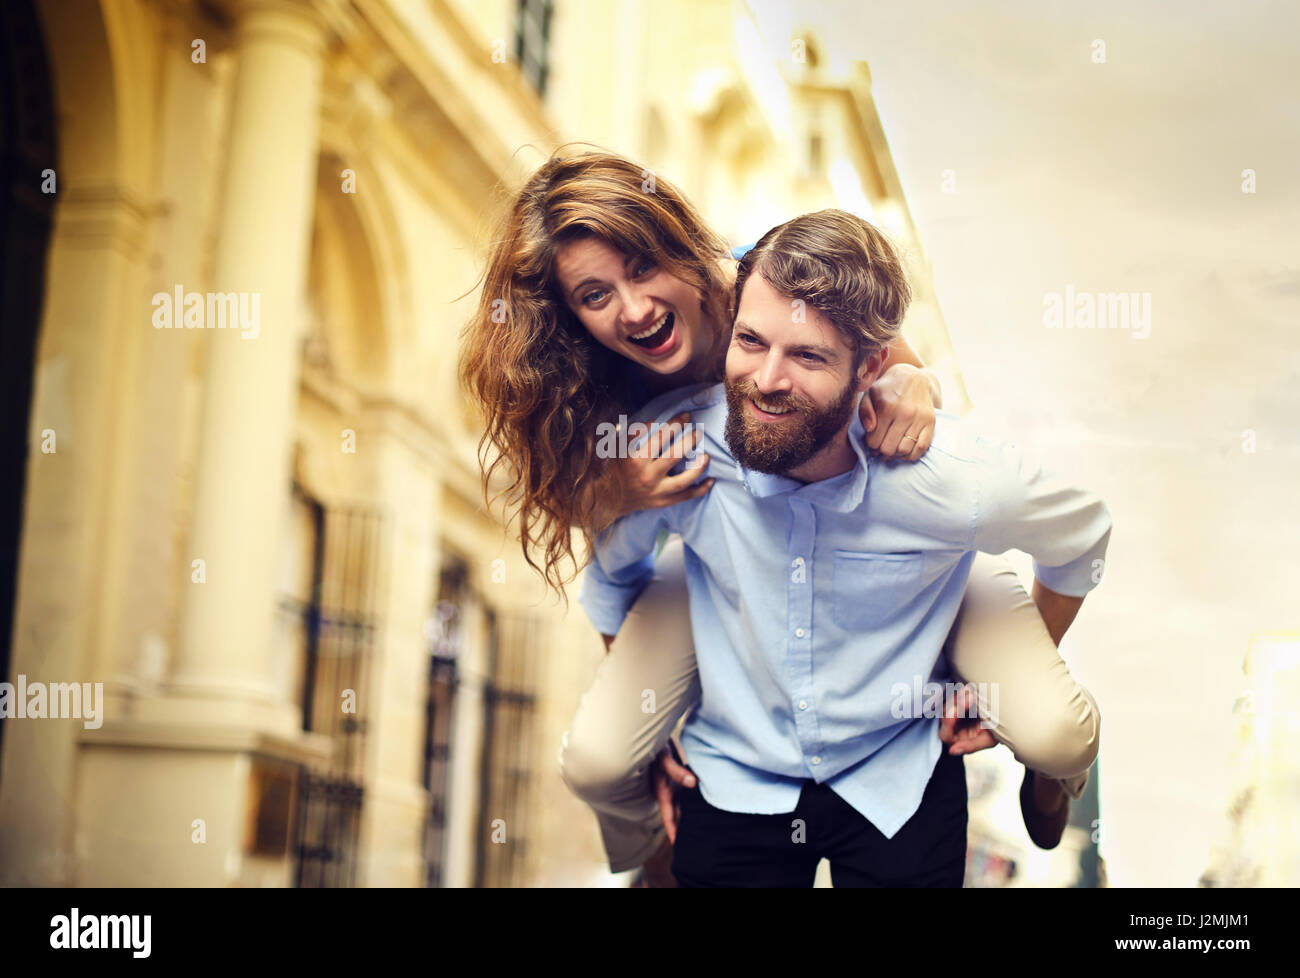 Uomo Donna dando un piggyback Immagini Stock